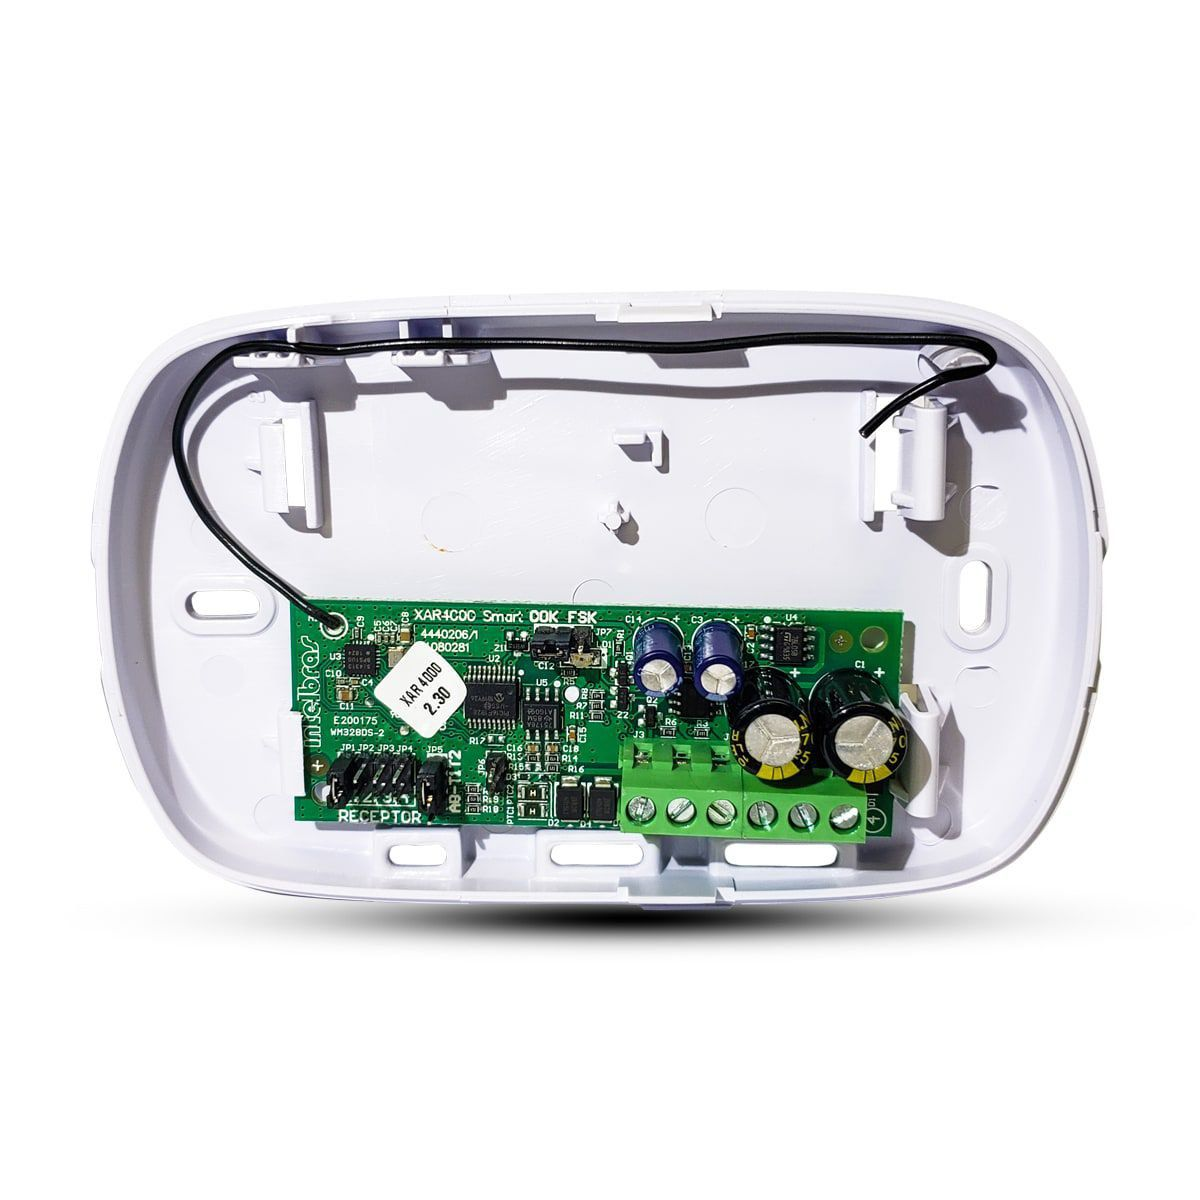 Receptor para central de alarme intelbras séries 2000 e 4000 -  anti sabotagem XAR 4000 SMART - JS Soluções em Segurança